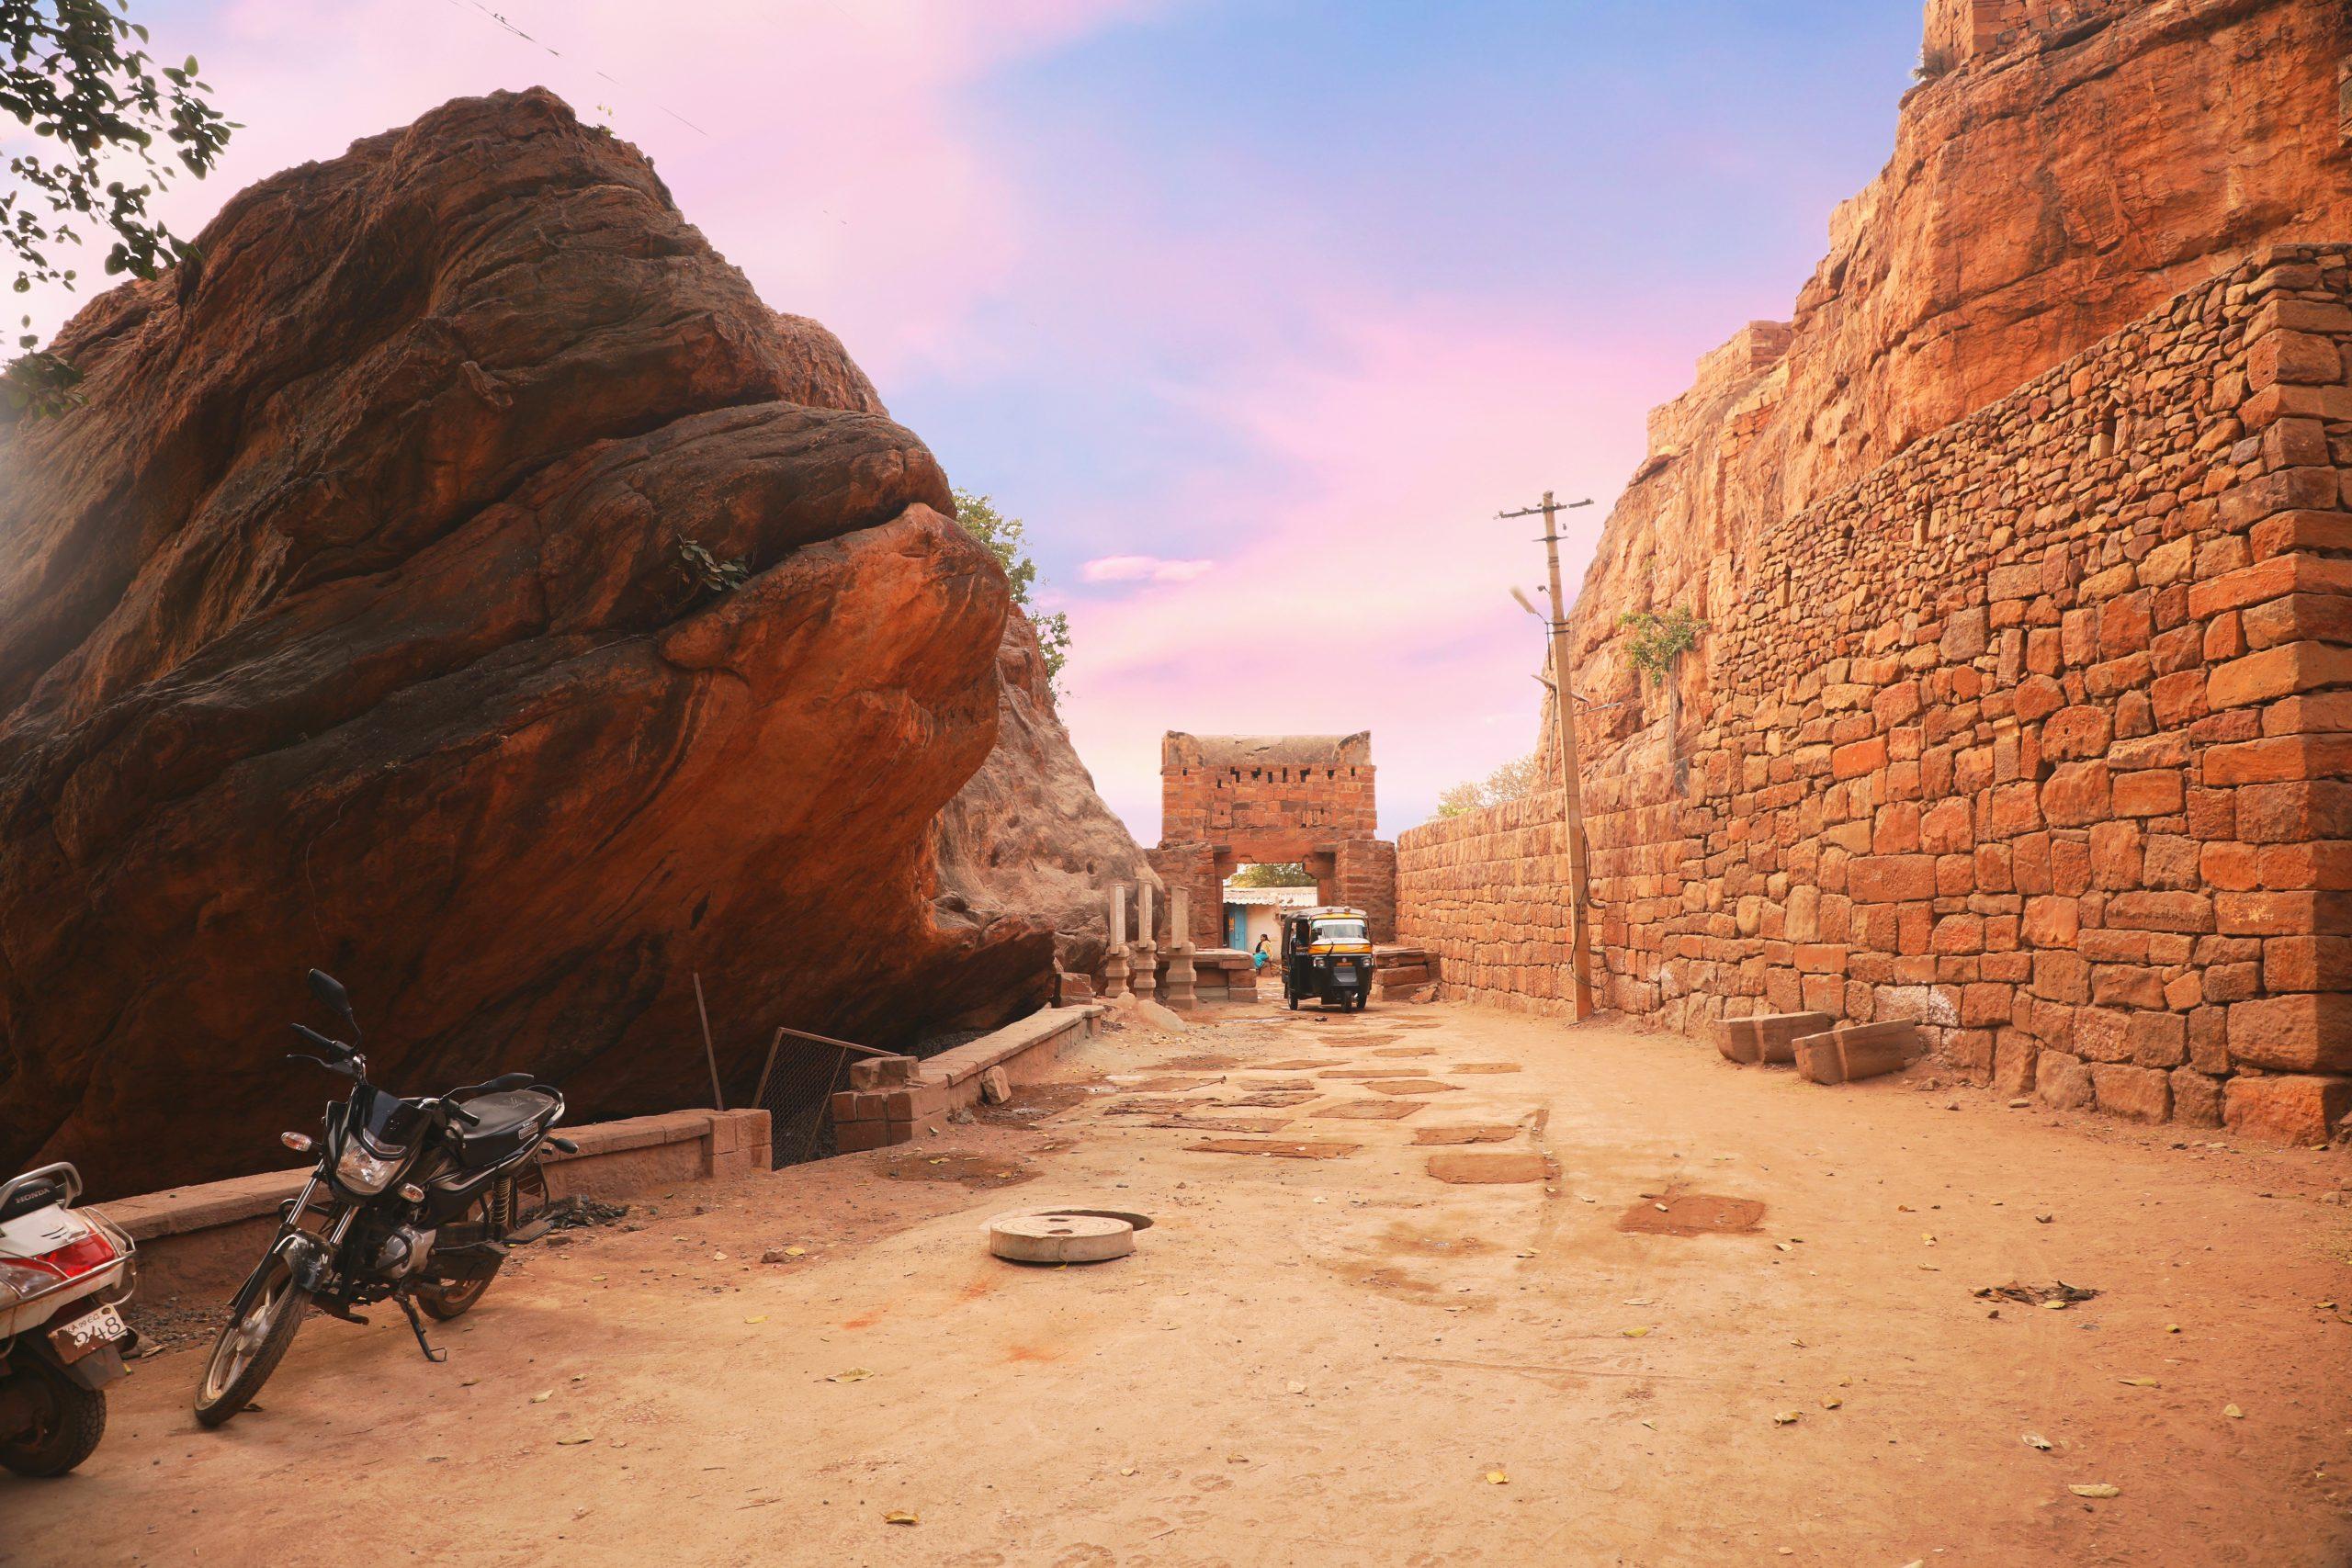 A big rock beside a dirt road in Karnataka